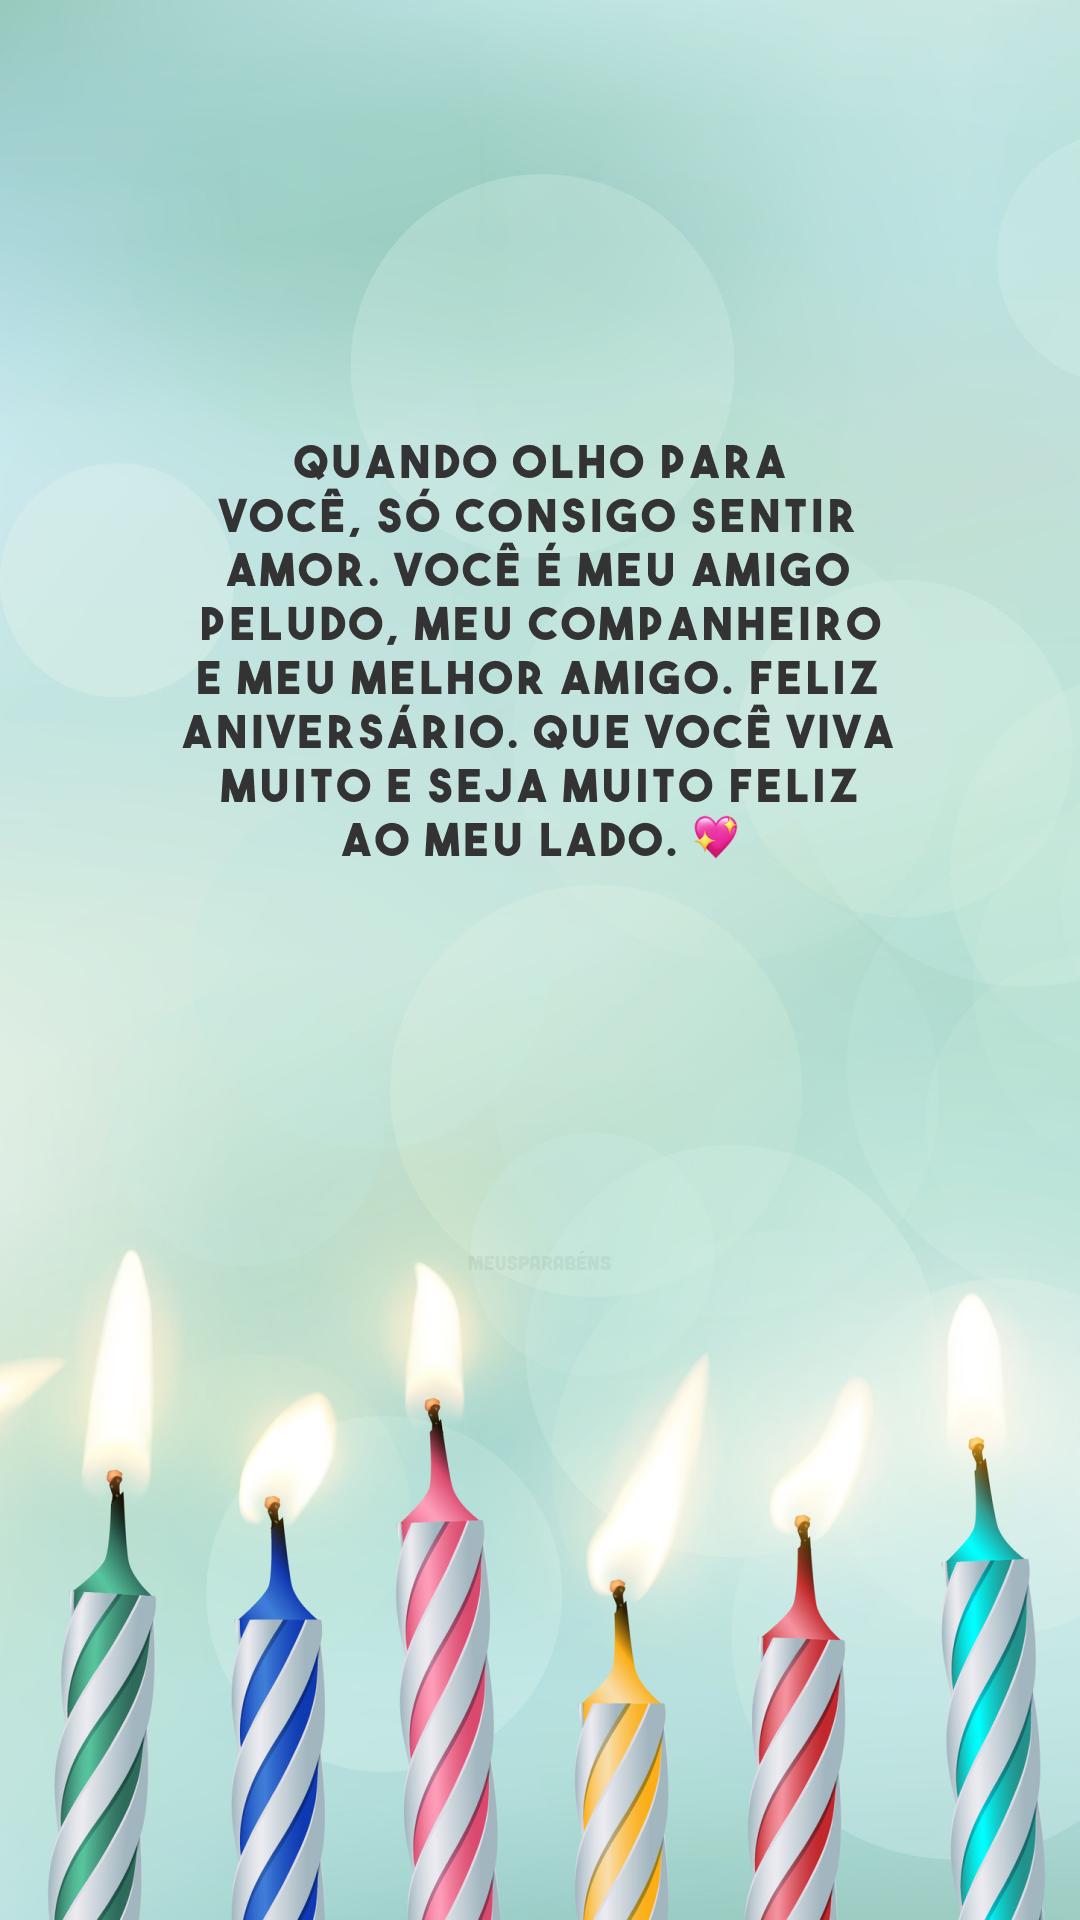 Quando olho para você, só consigo sentir amor. Você é meu amigo peludo, meu companheiro e meu melhor amigo. Feliz aniversário. Que você viva muito e seja muito feliz ao meu lado. 💖